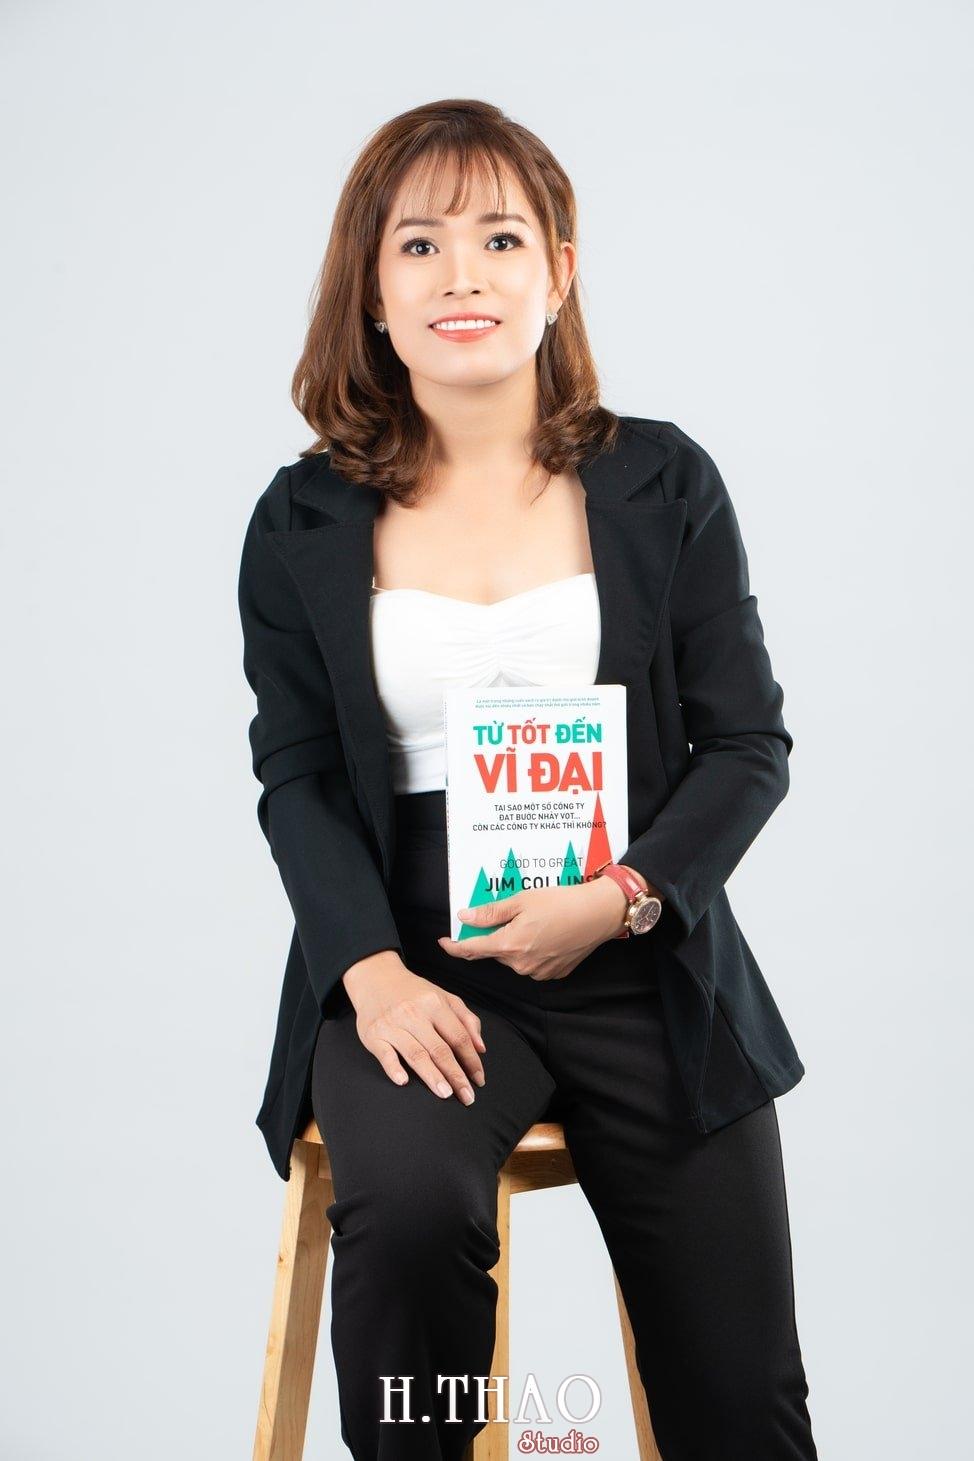 Profile nu 6 - Tổng hợp album ảnh profile bác sĩ, luật sư, tài chính – HThao Studio